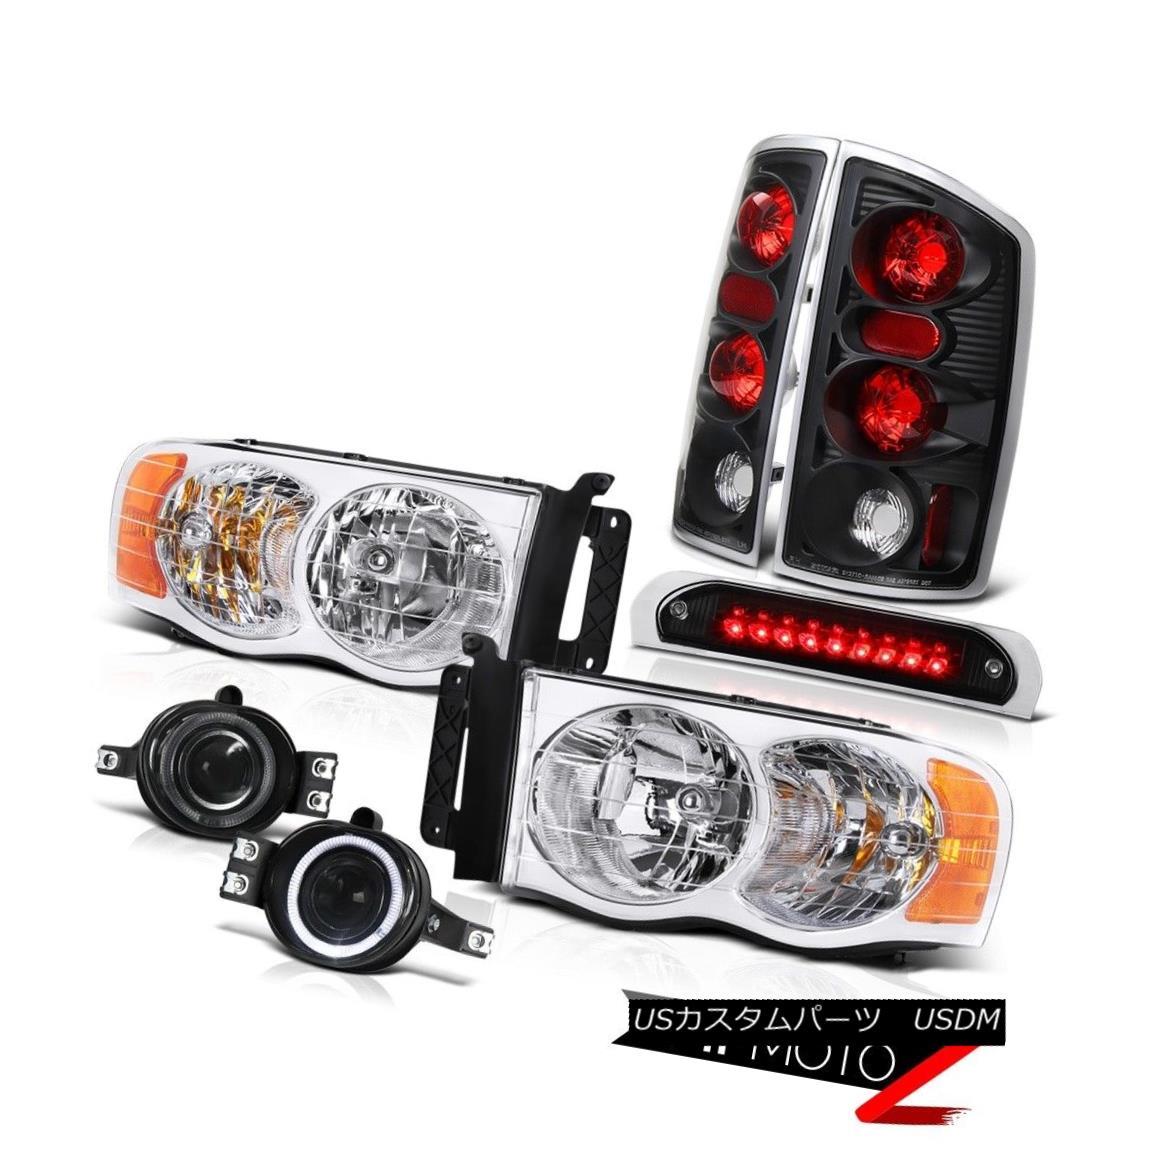 ヘッドライト 2002-2005 Ram 1500 Headlight Rear Signal Brake Light Fog Roof Stop LED Black 2002-2005ラム1500ヘッドライトリアシグナルブレーキライトフォグルーフストップLEDブラック